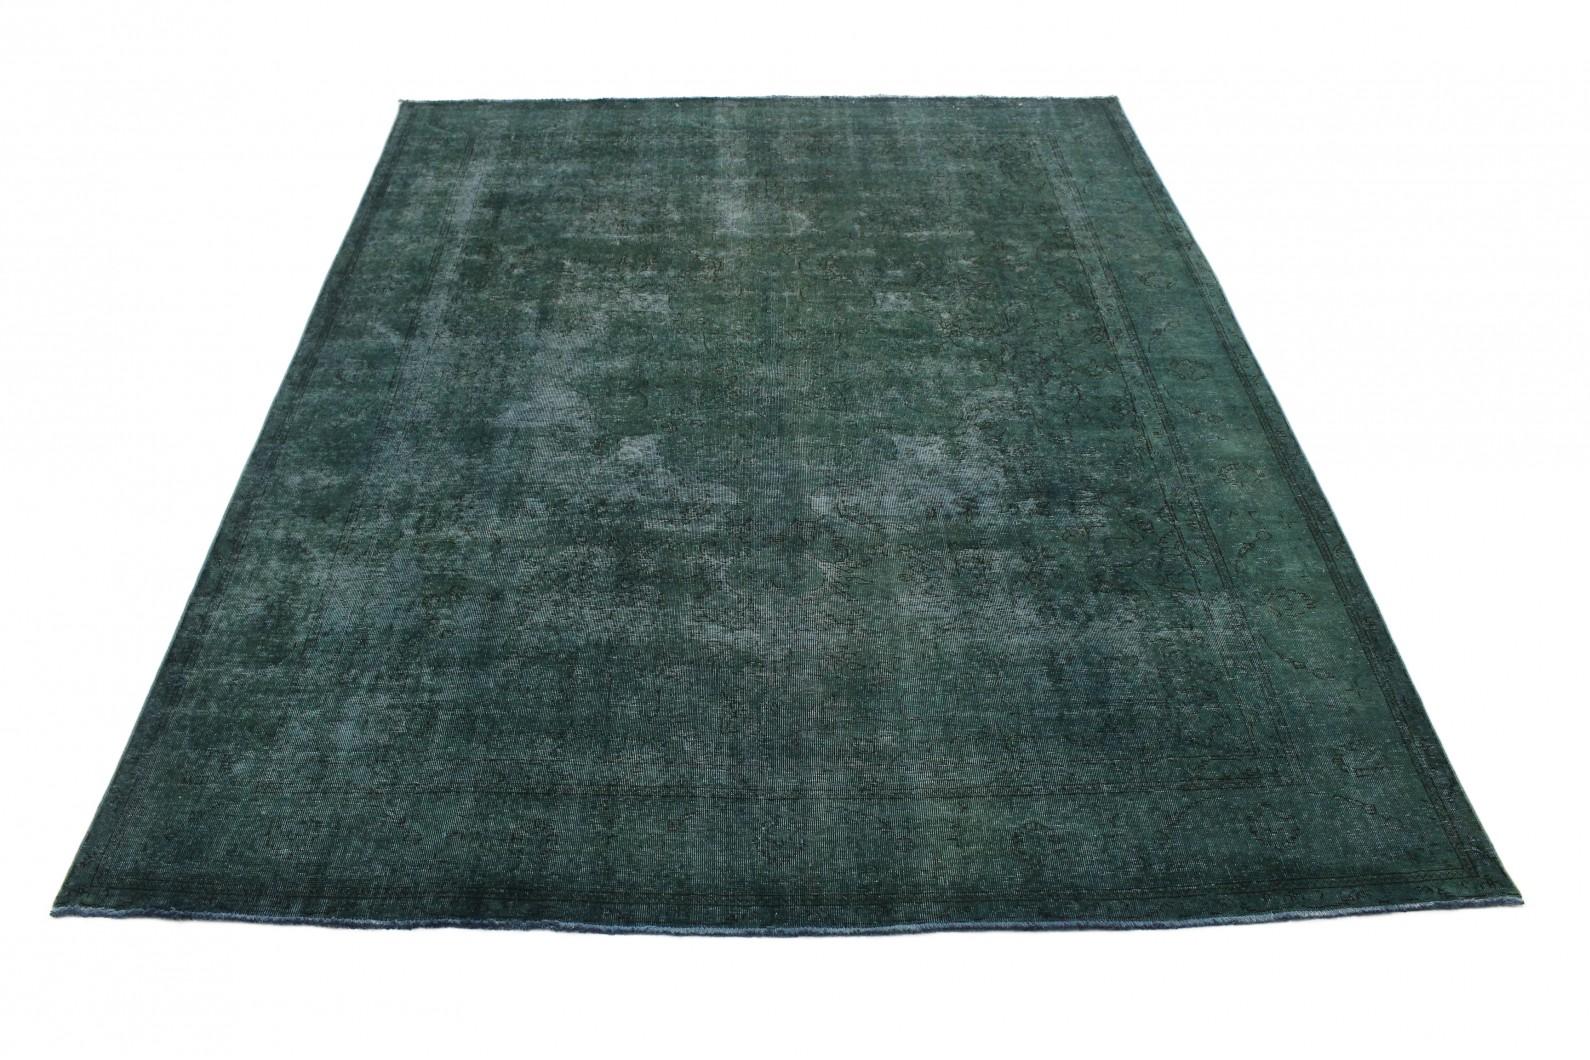 Vintage Teppich Grün in 390x300 (1 / 5)